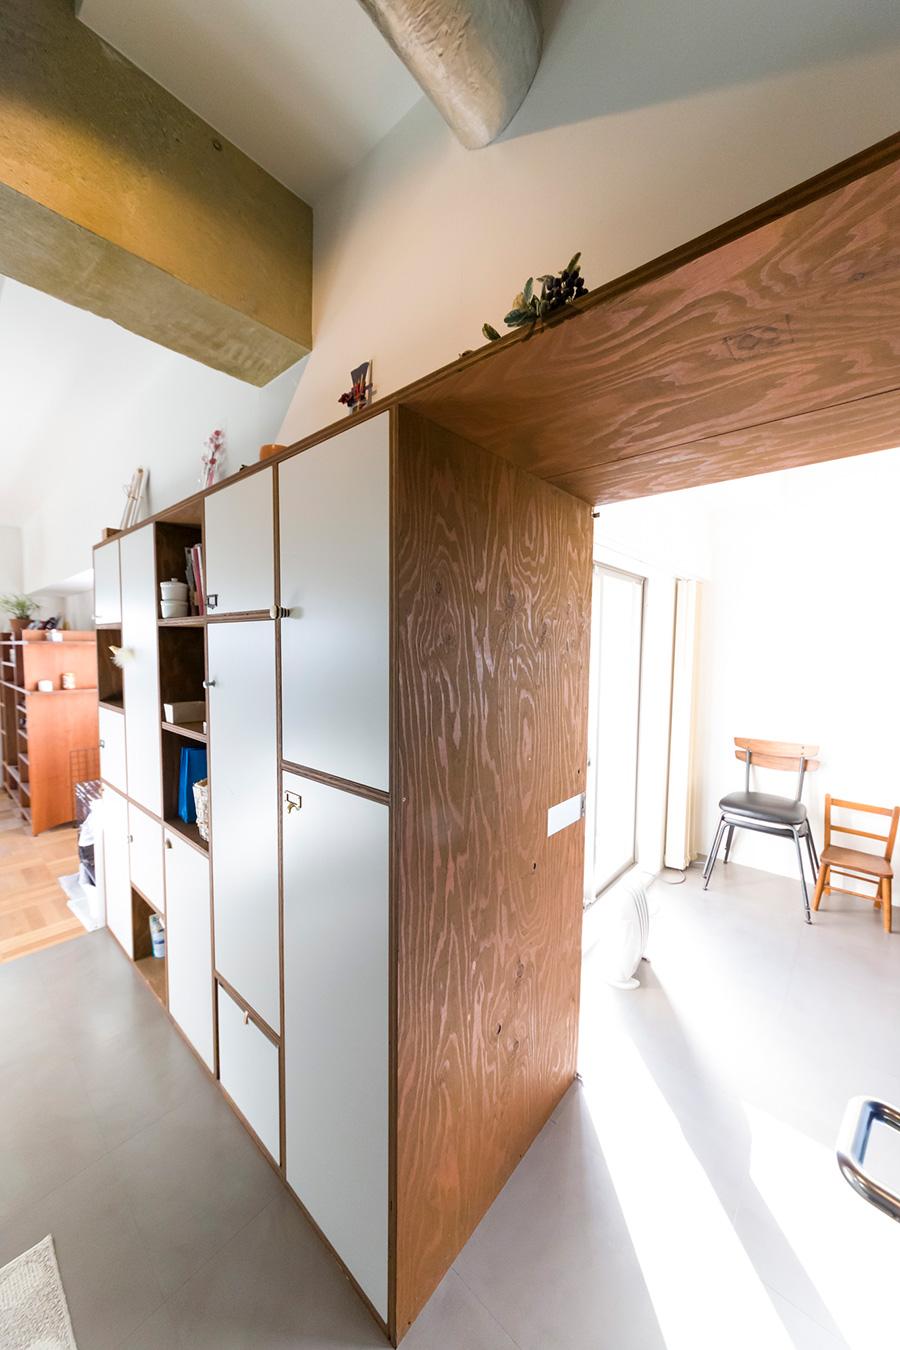 壁面の収納家具は、一部トンネルのようになっている楽しい作り。